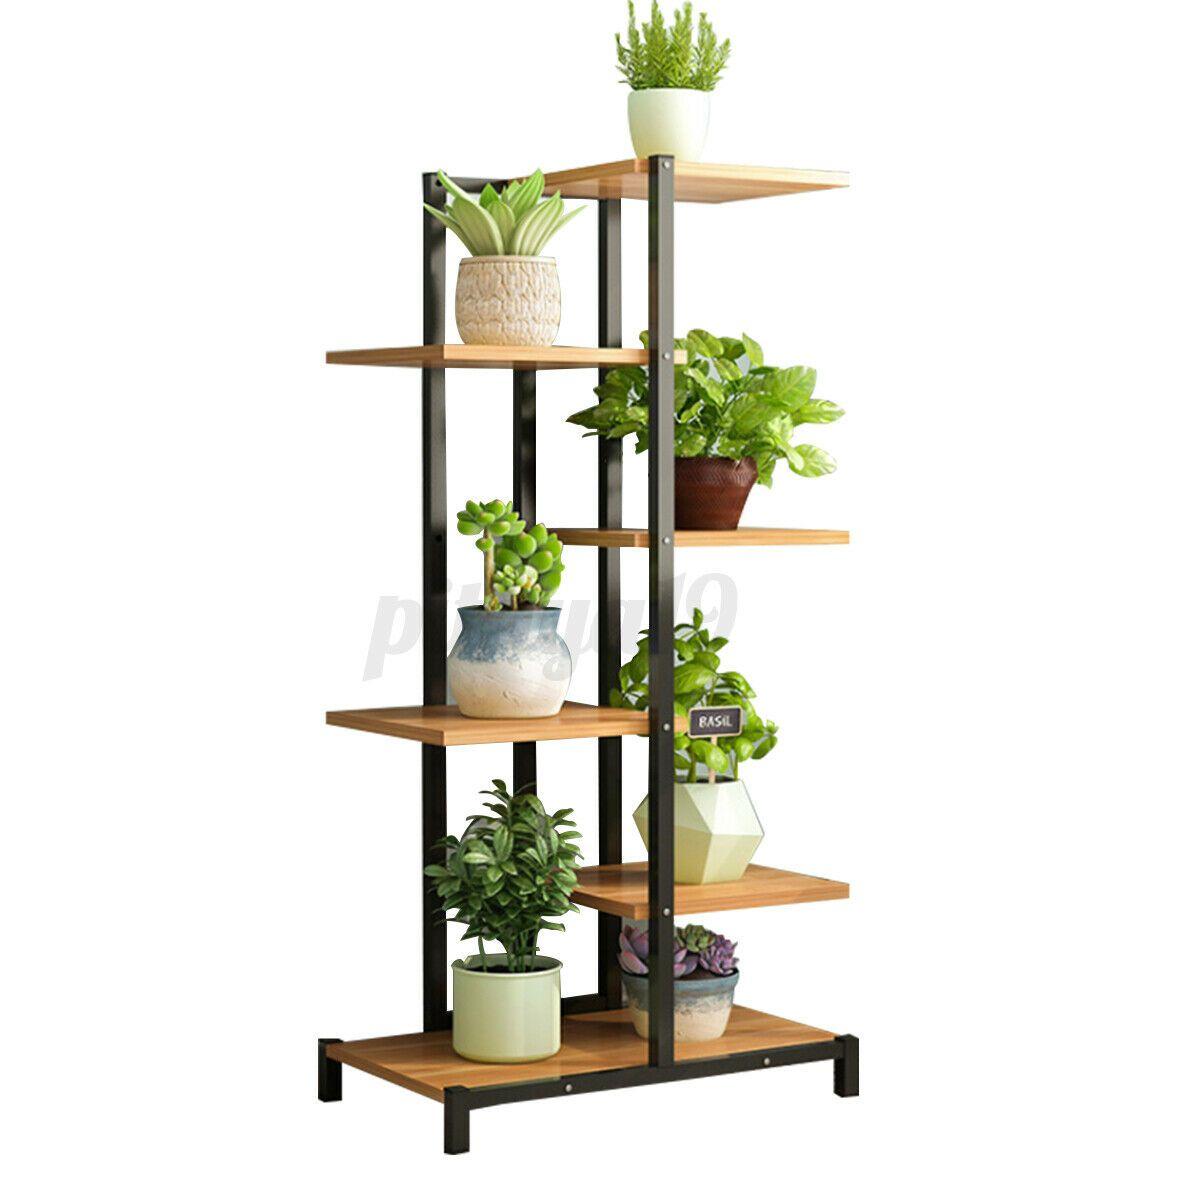 4/6 Tier Plant Stand Flower Rack Metal Wood Shelf Garden Display Indoor Outdoor